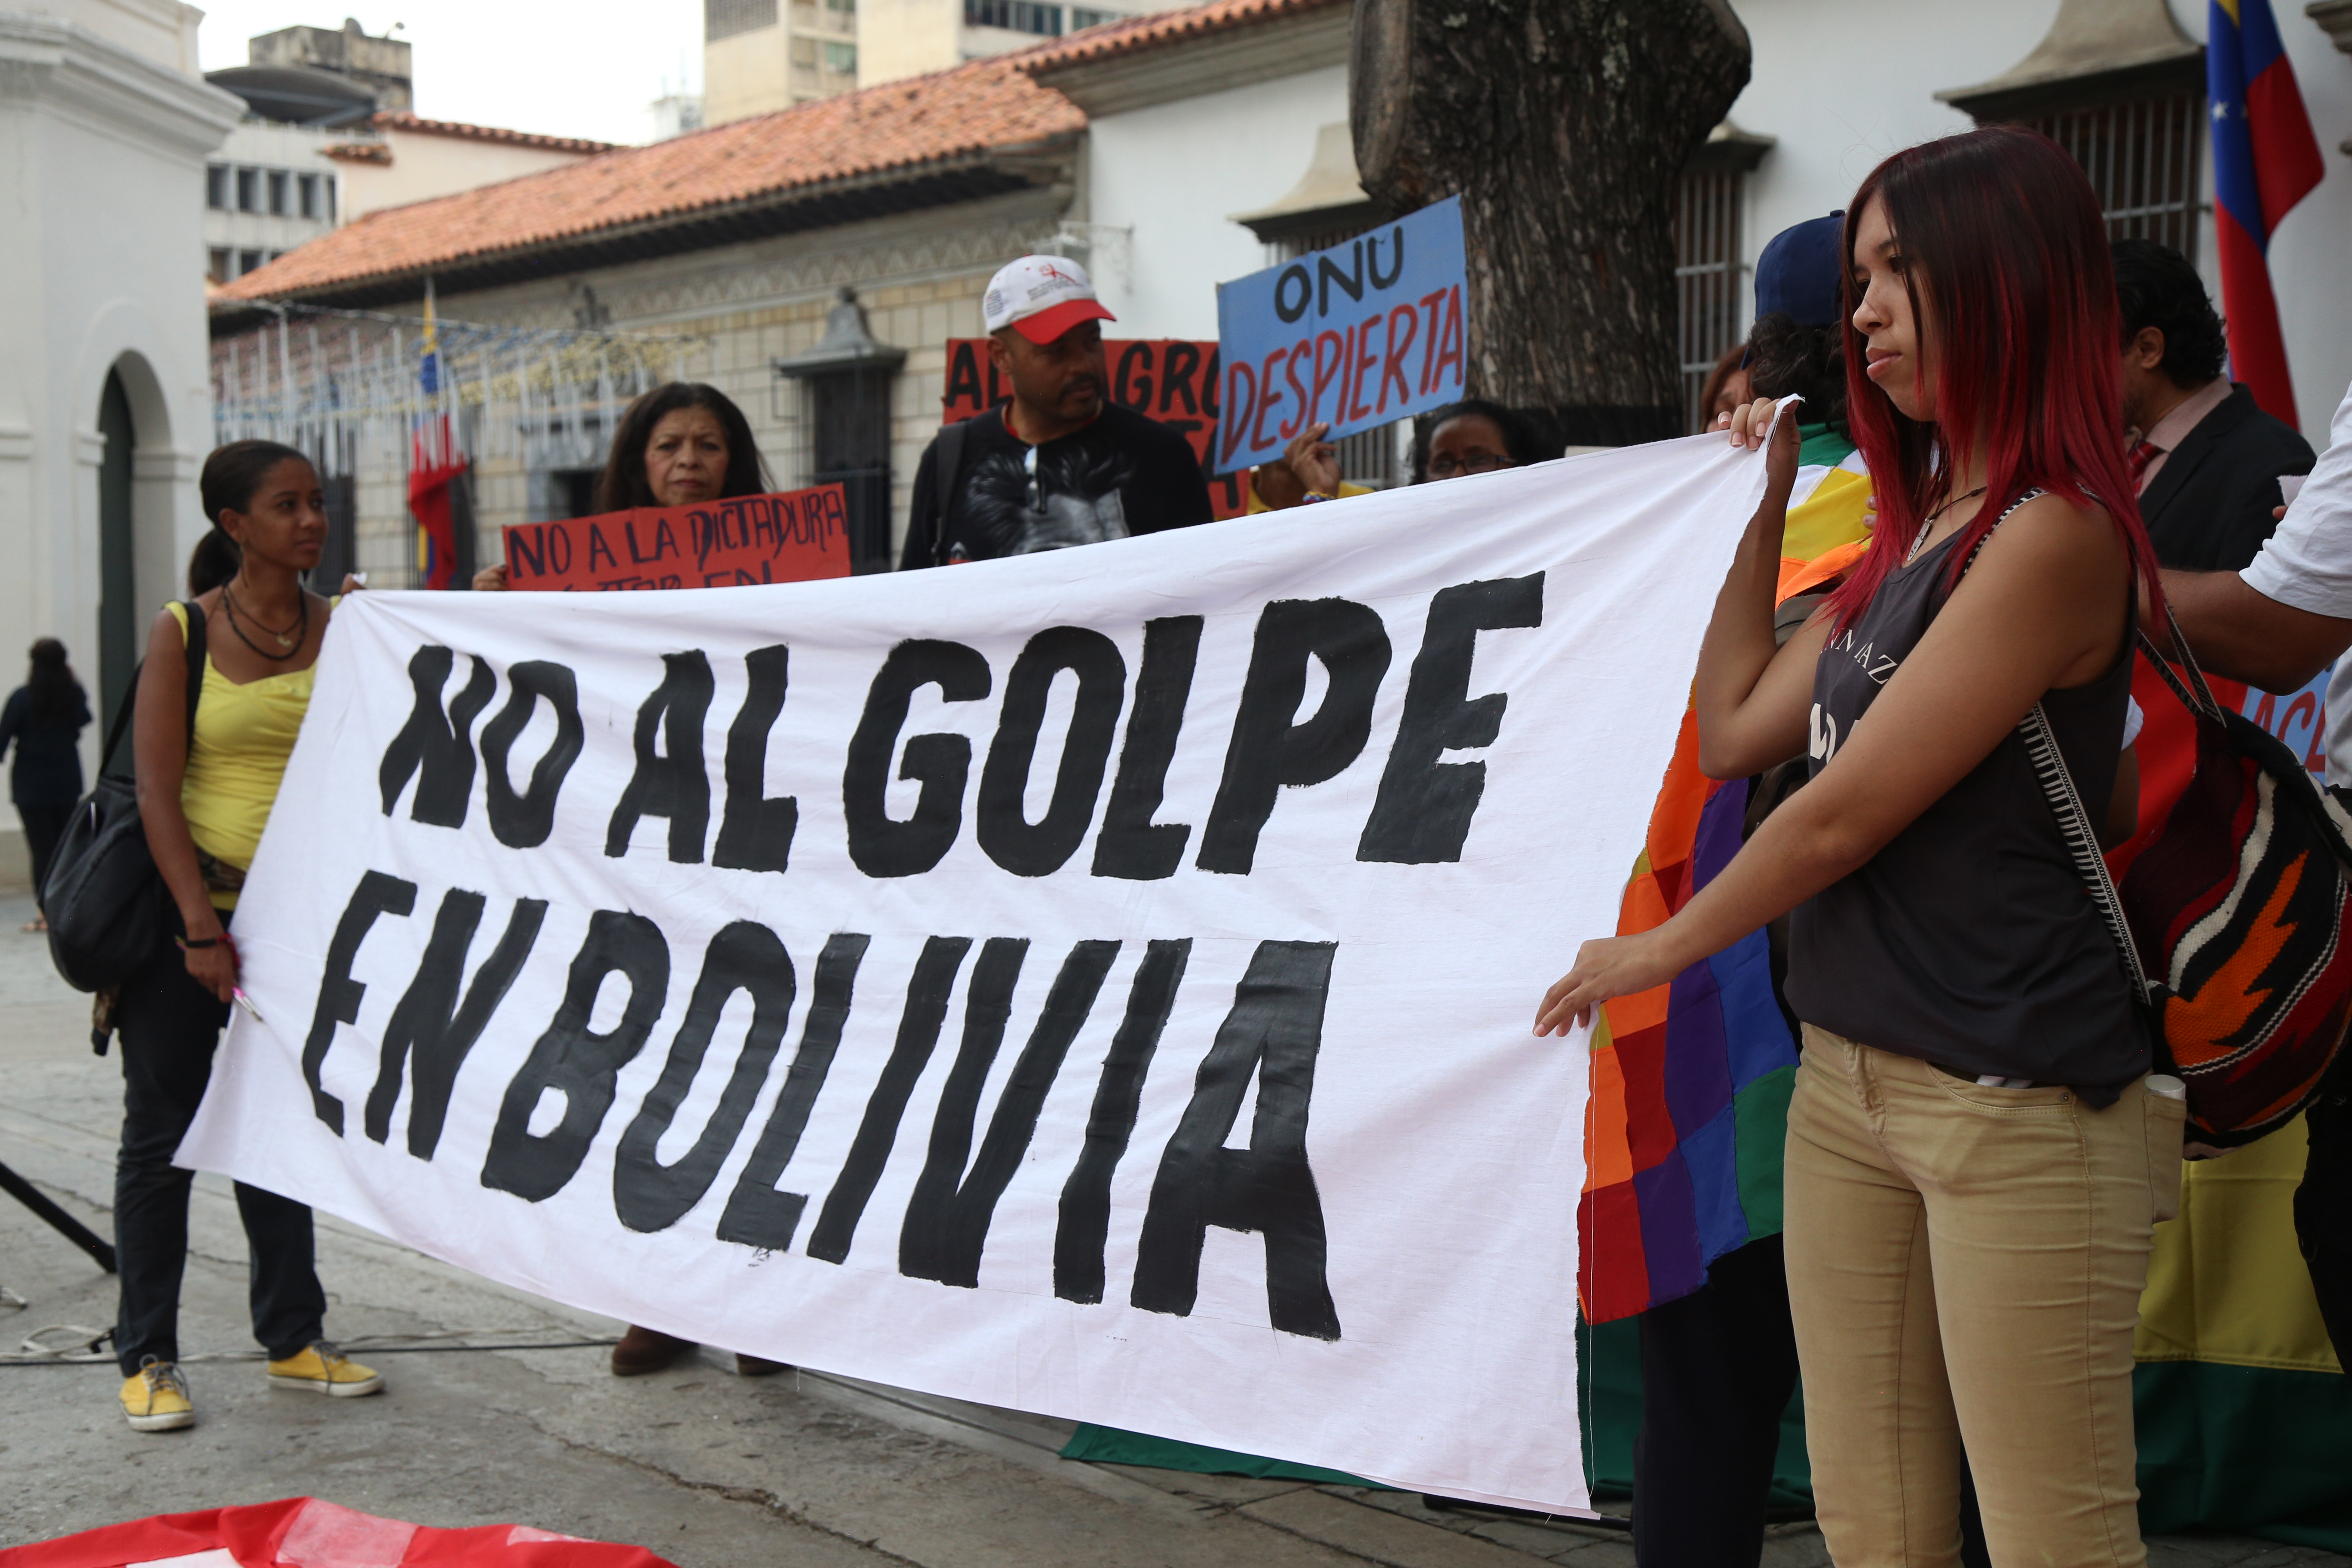 Desde Venezuela el comité de Solidaridad con Bolivia expresa su respaldo a Evo Morales y al aguerrido pueblo boliviano